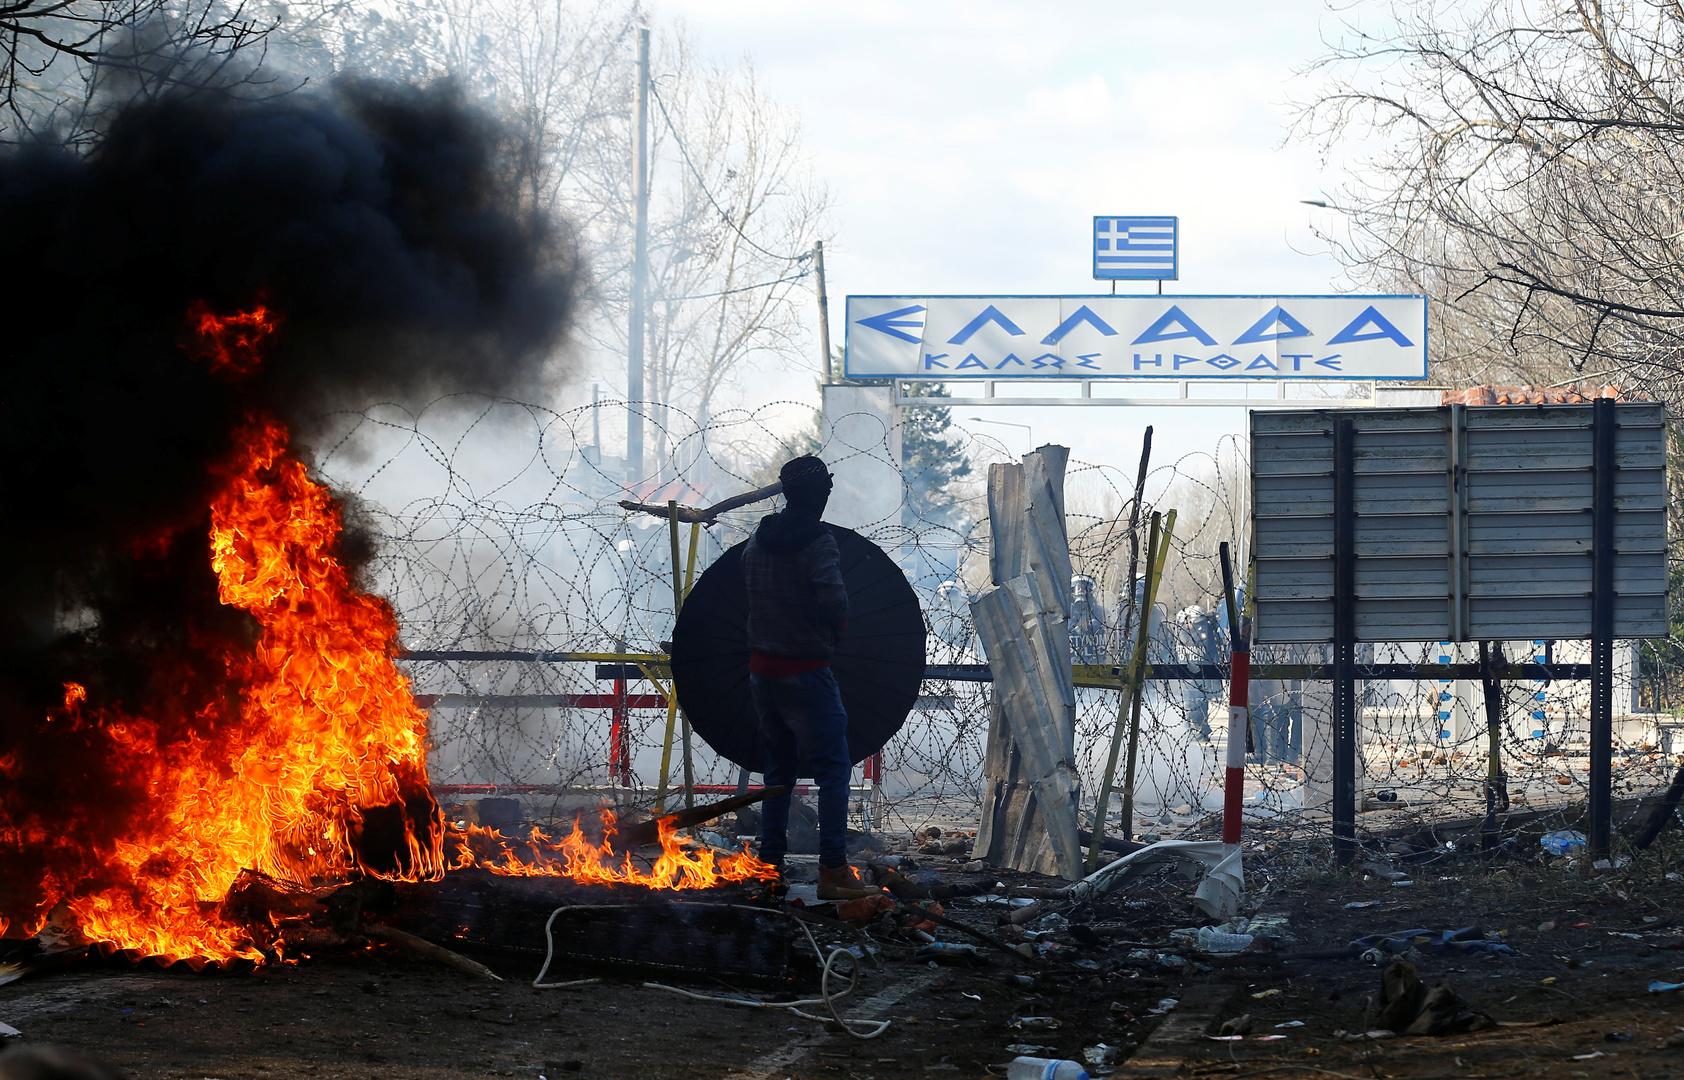 Tyrkiet beskylder Grækenland for at dræbe flygtninge ved grænsen og lover at straffe det